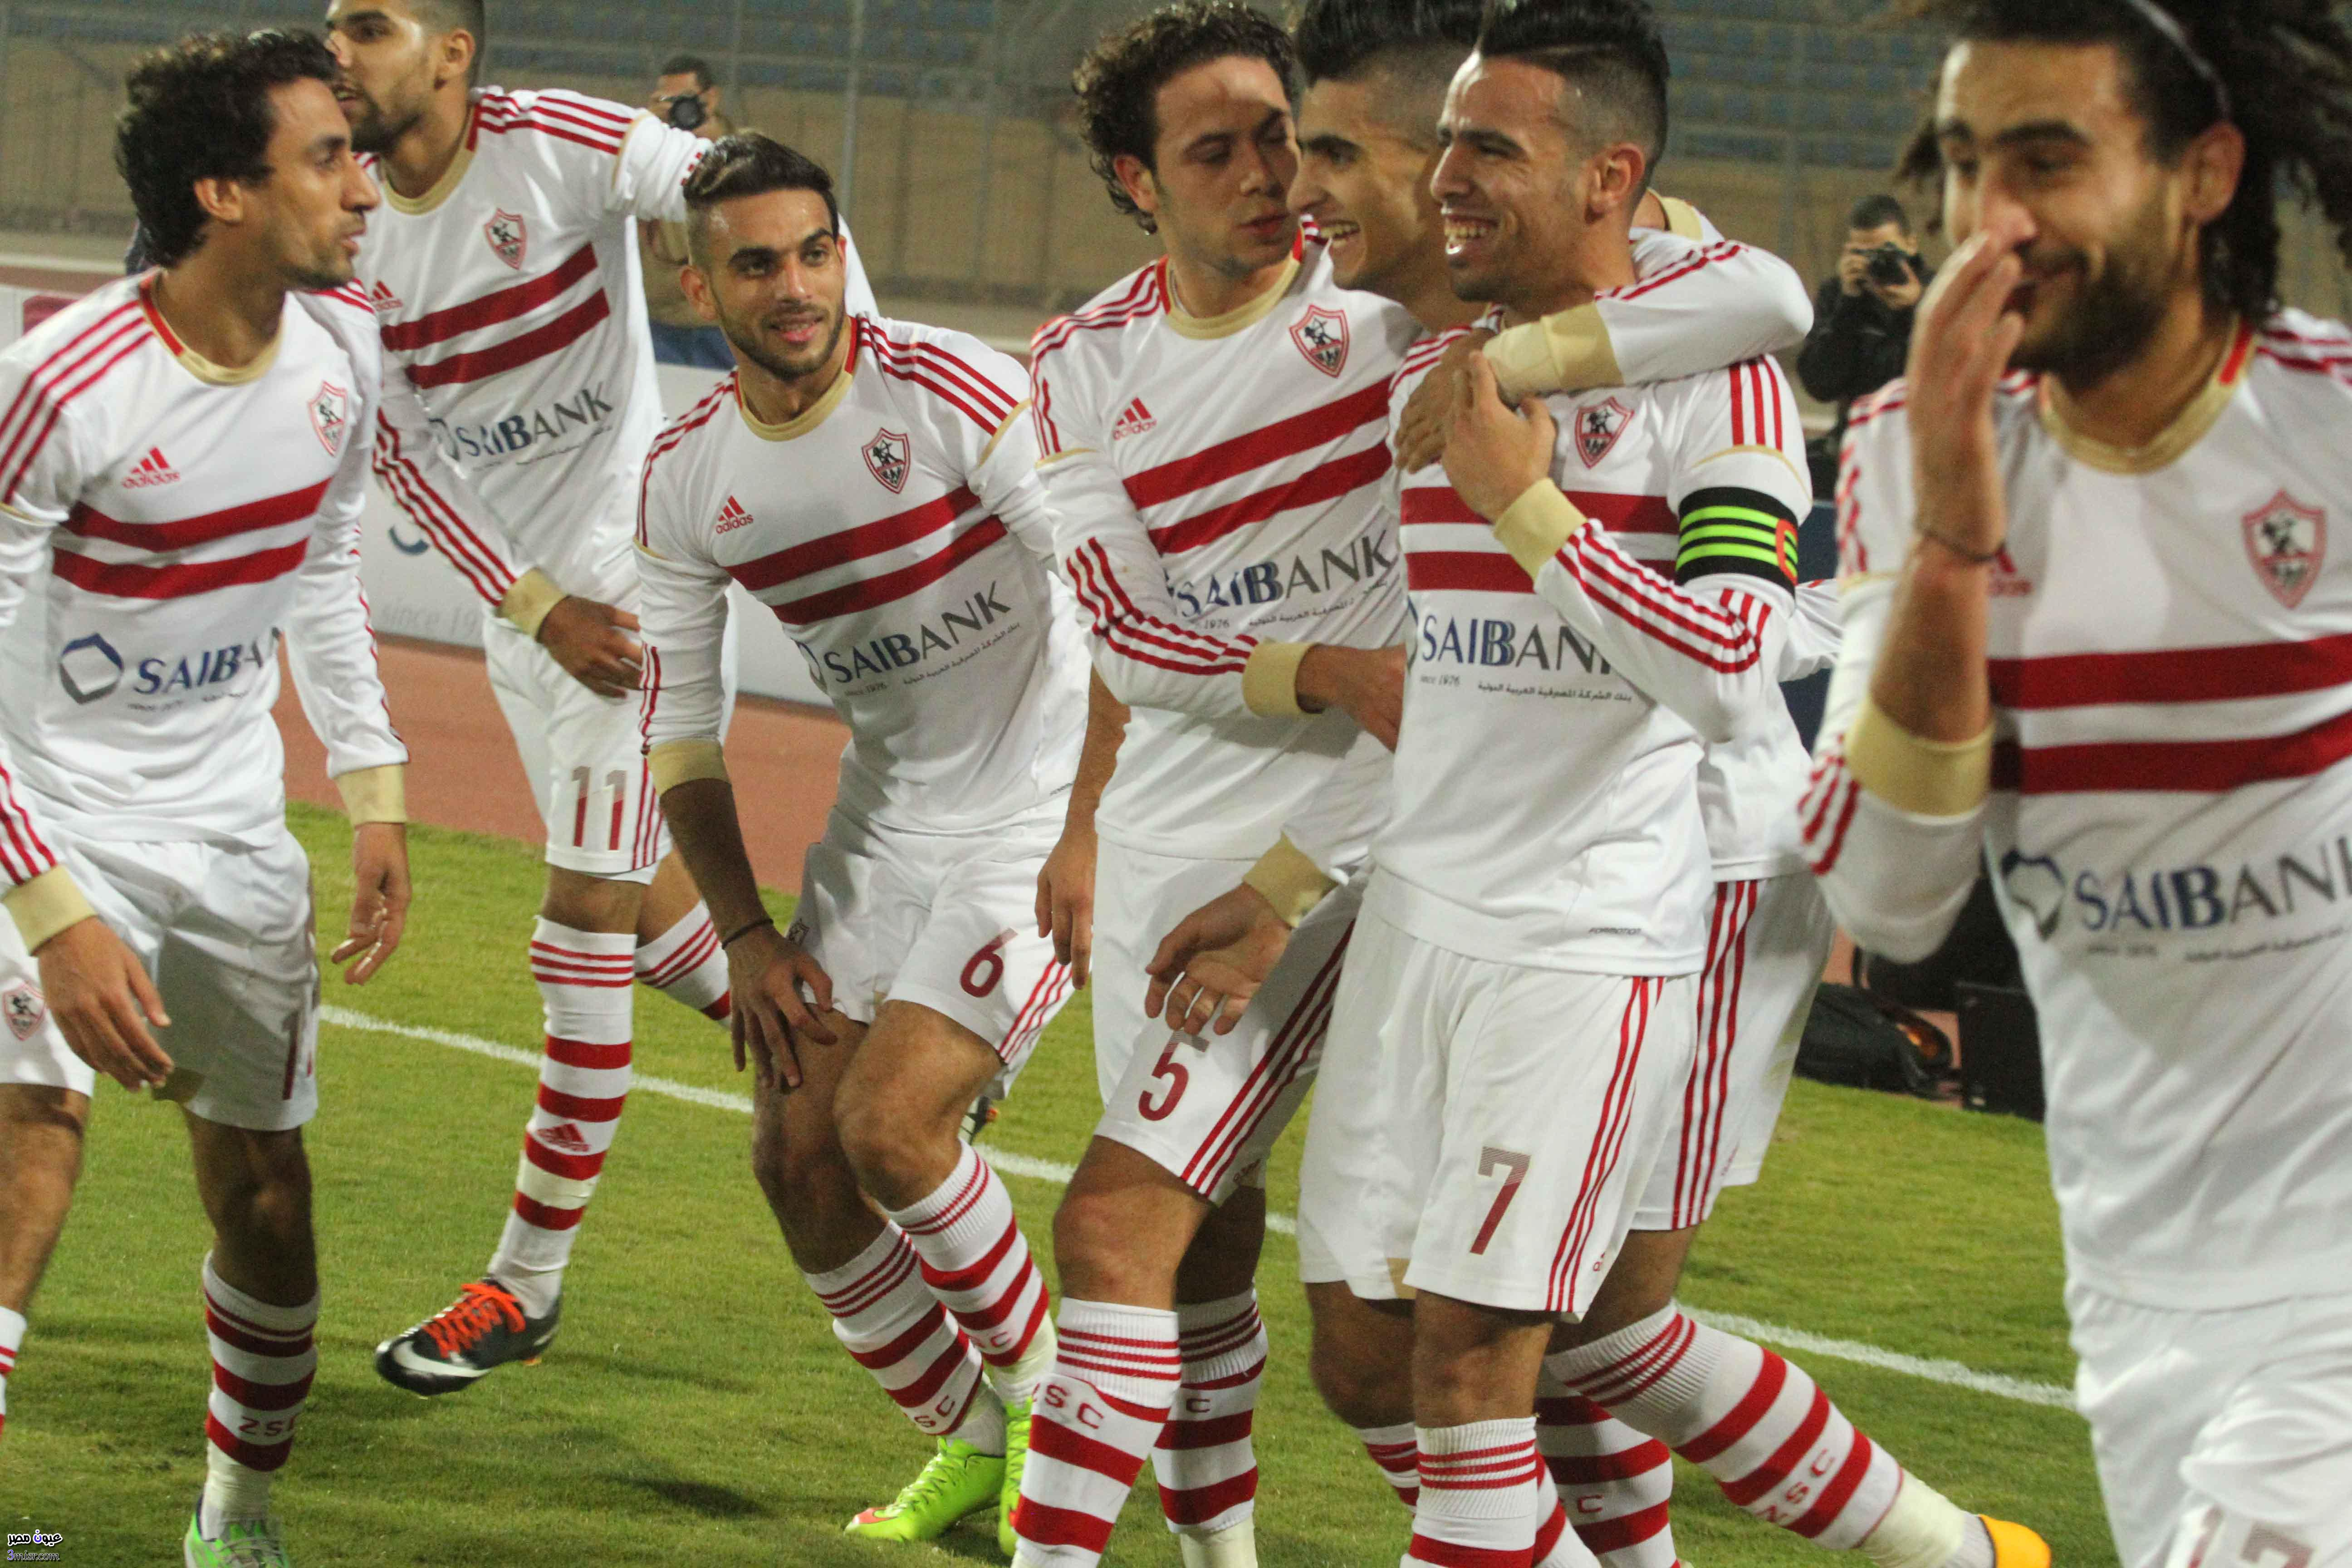 جدول مباريات الدوري المصري 2015-2016